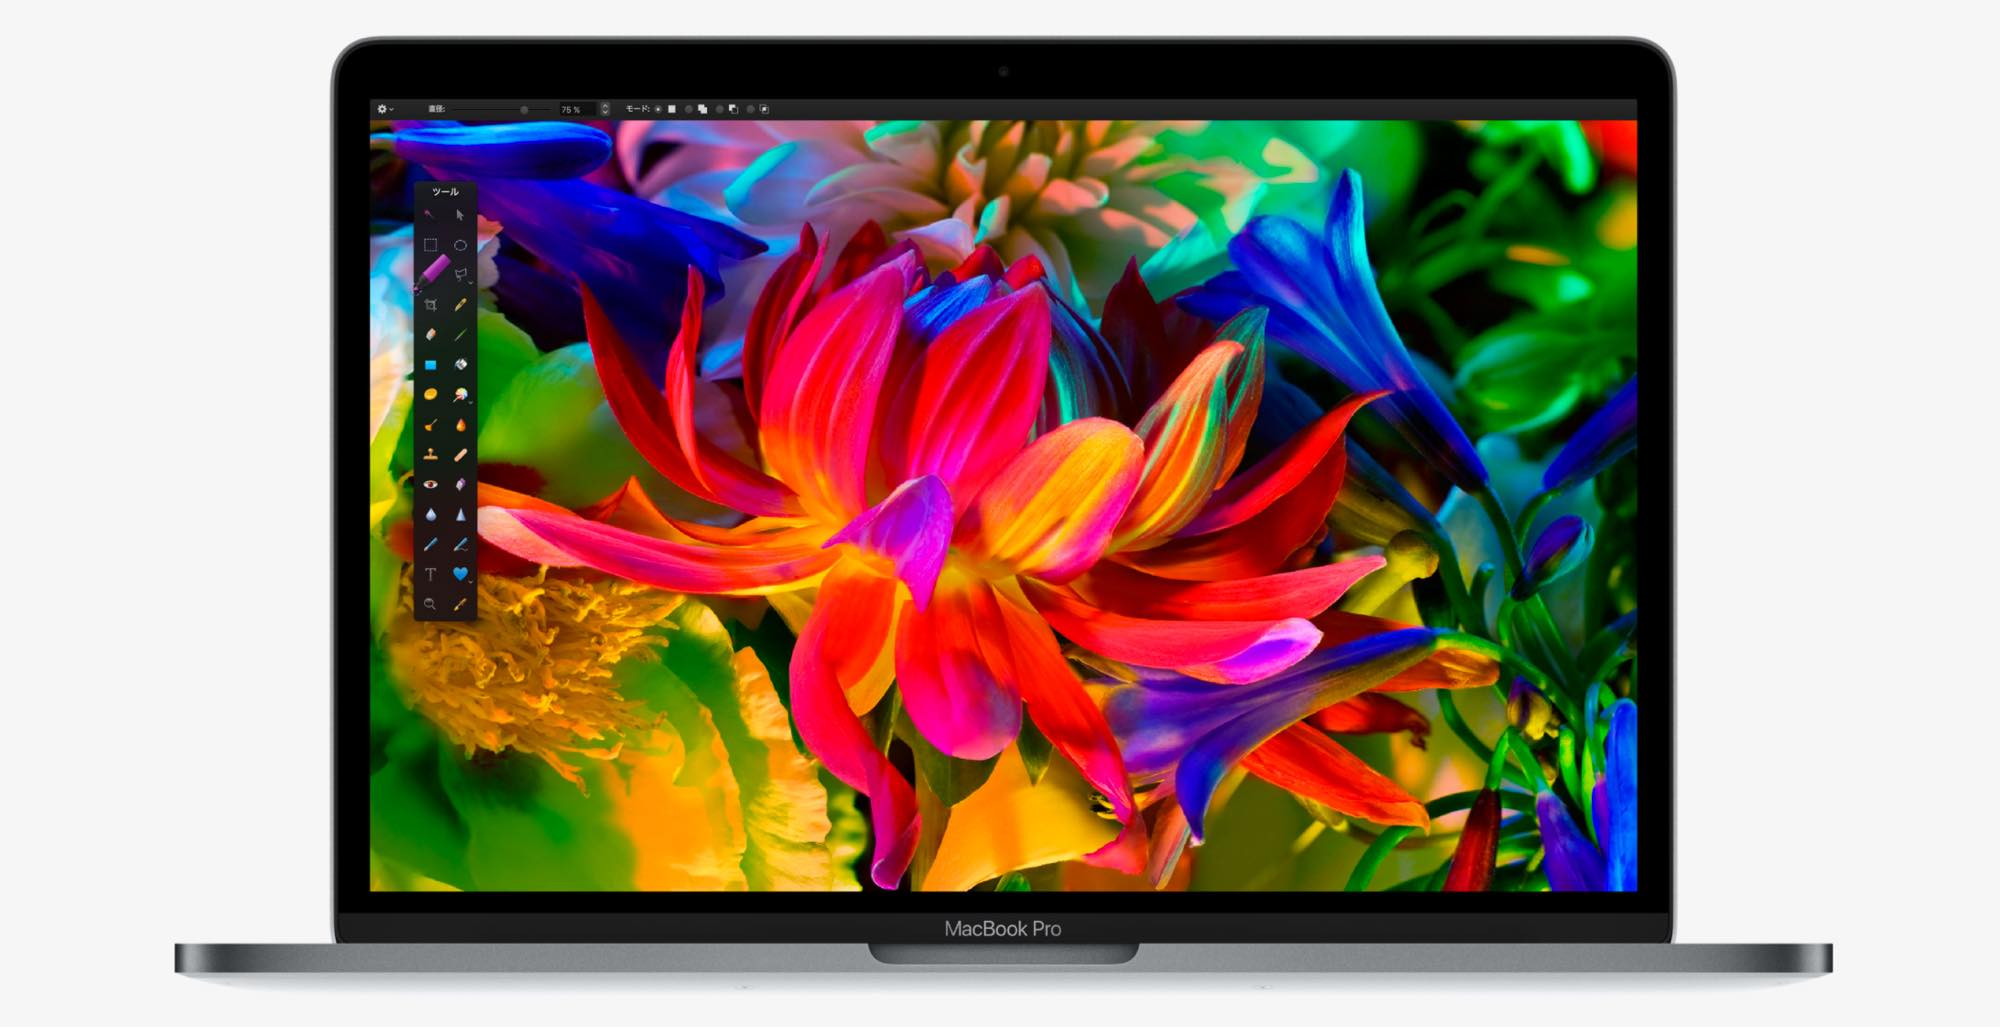 macbookpro-20168